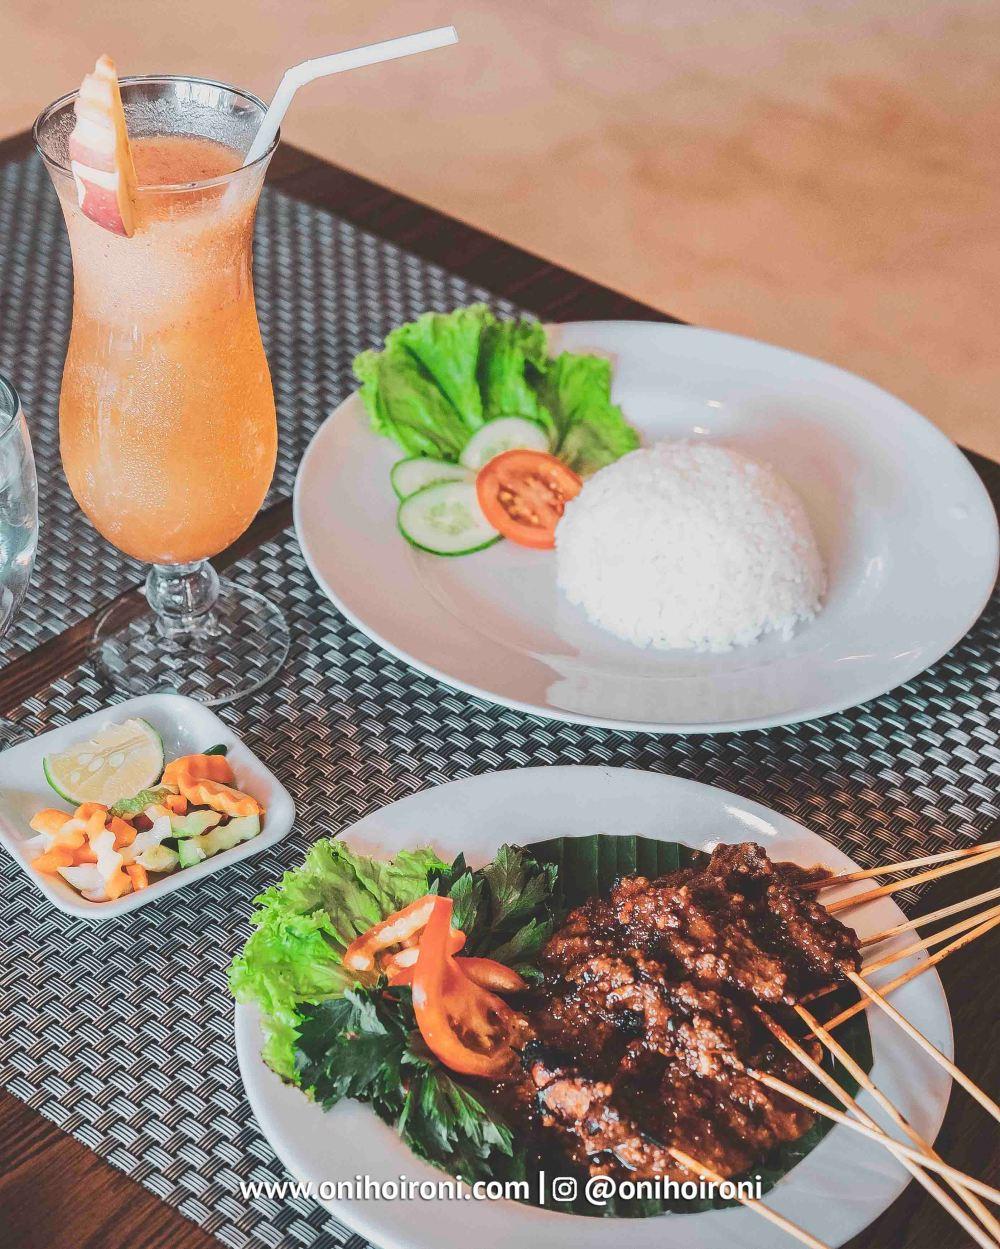 5 Food M One Hotel Sentul Bogor, Onihoironi